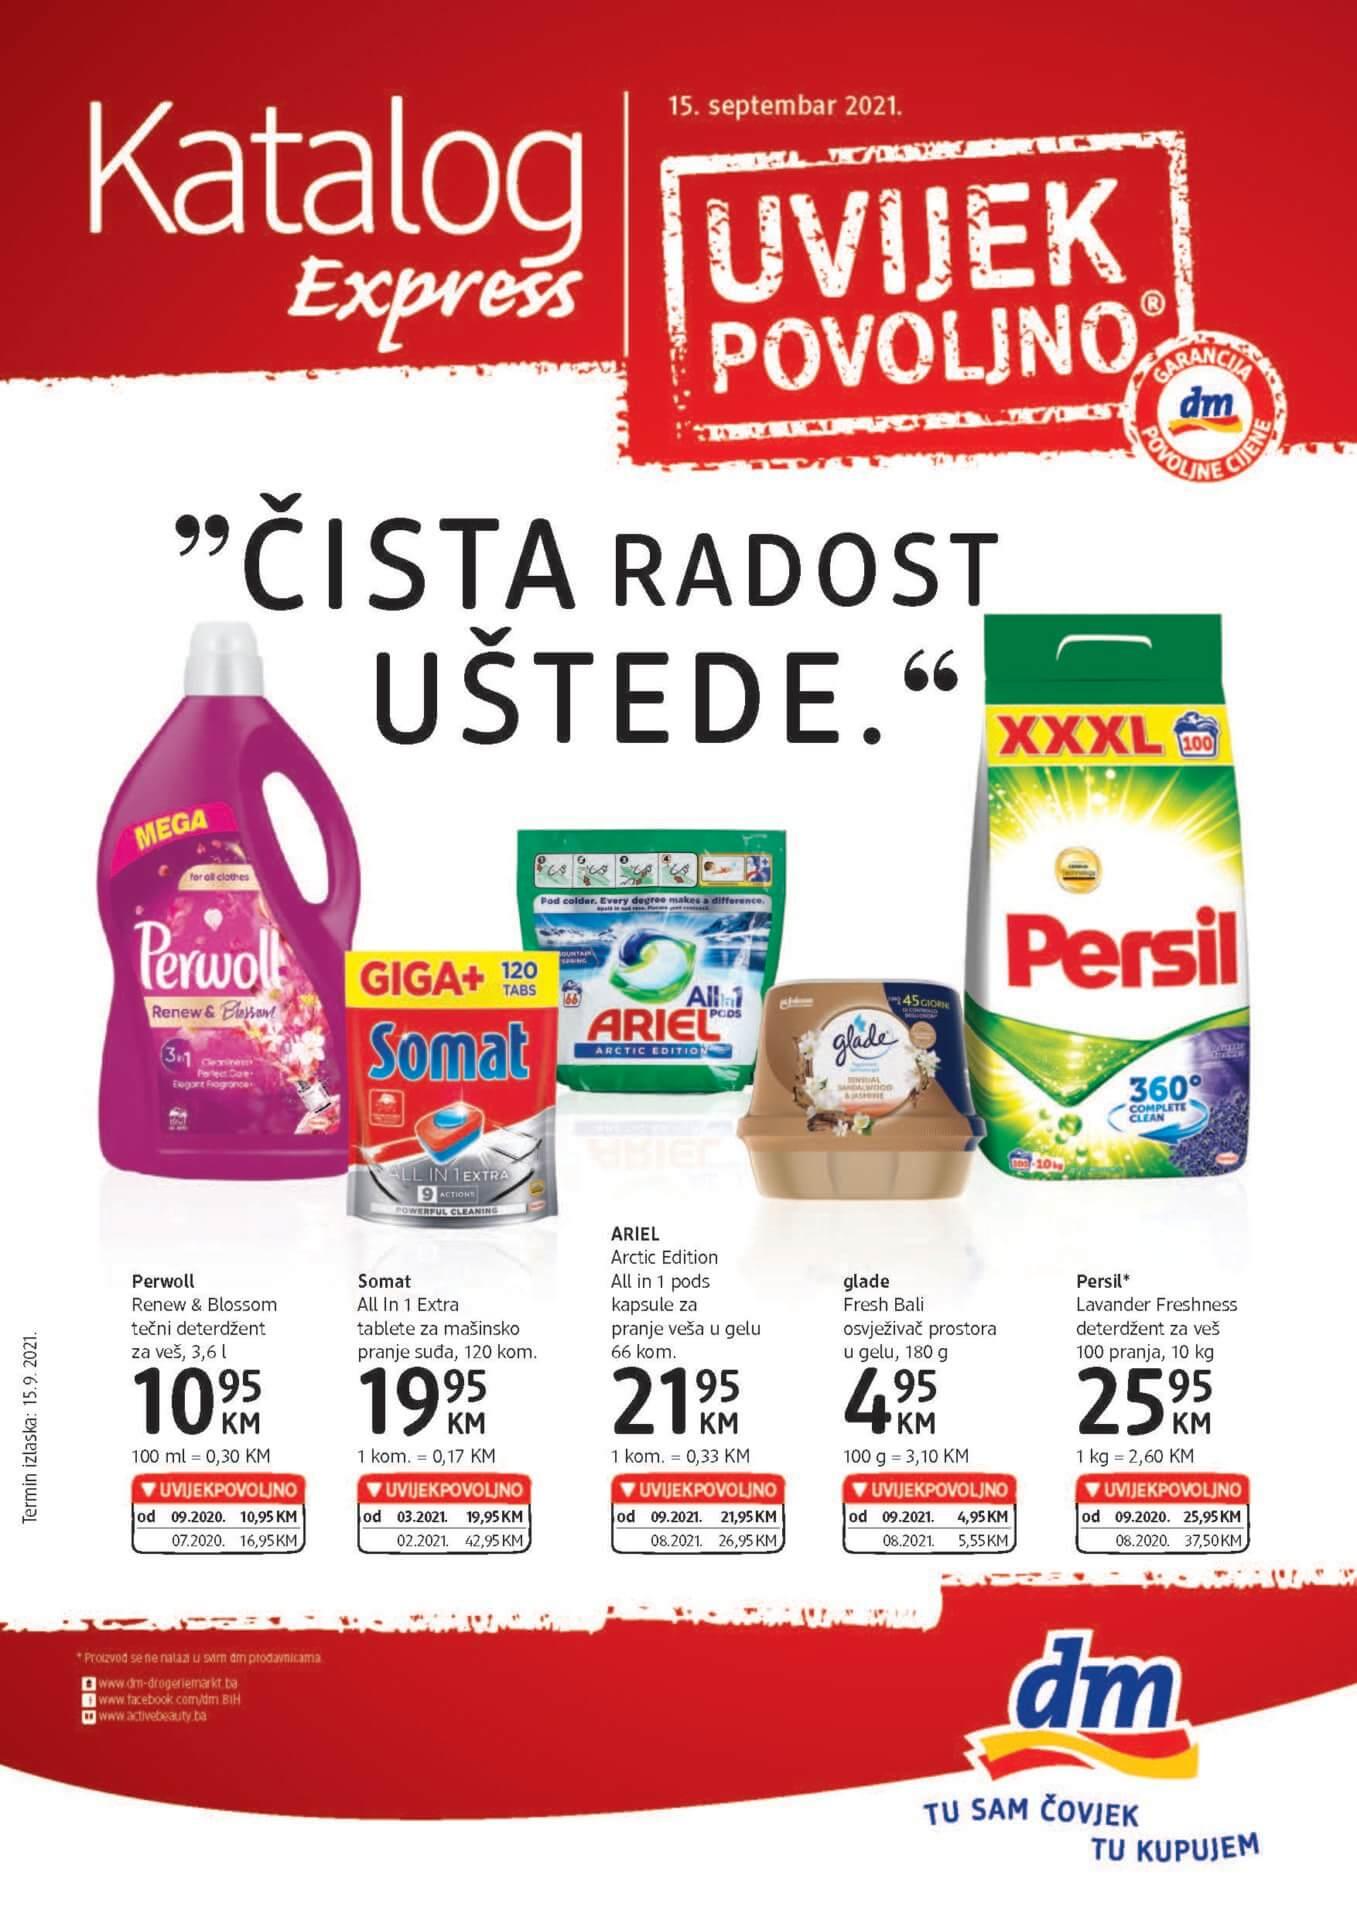 DM Express Katalog BiH SEPTEMBAR 2021 15.9.2021. 28.9.2021. Page 1 1